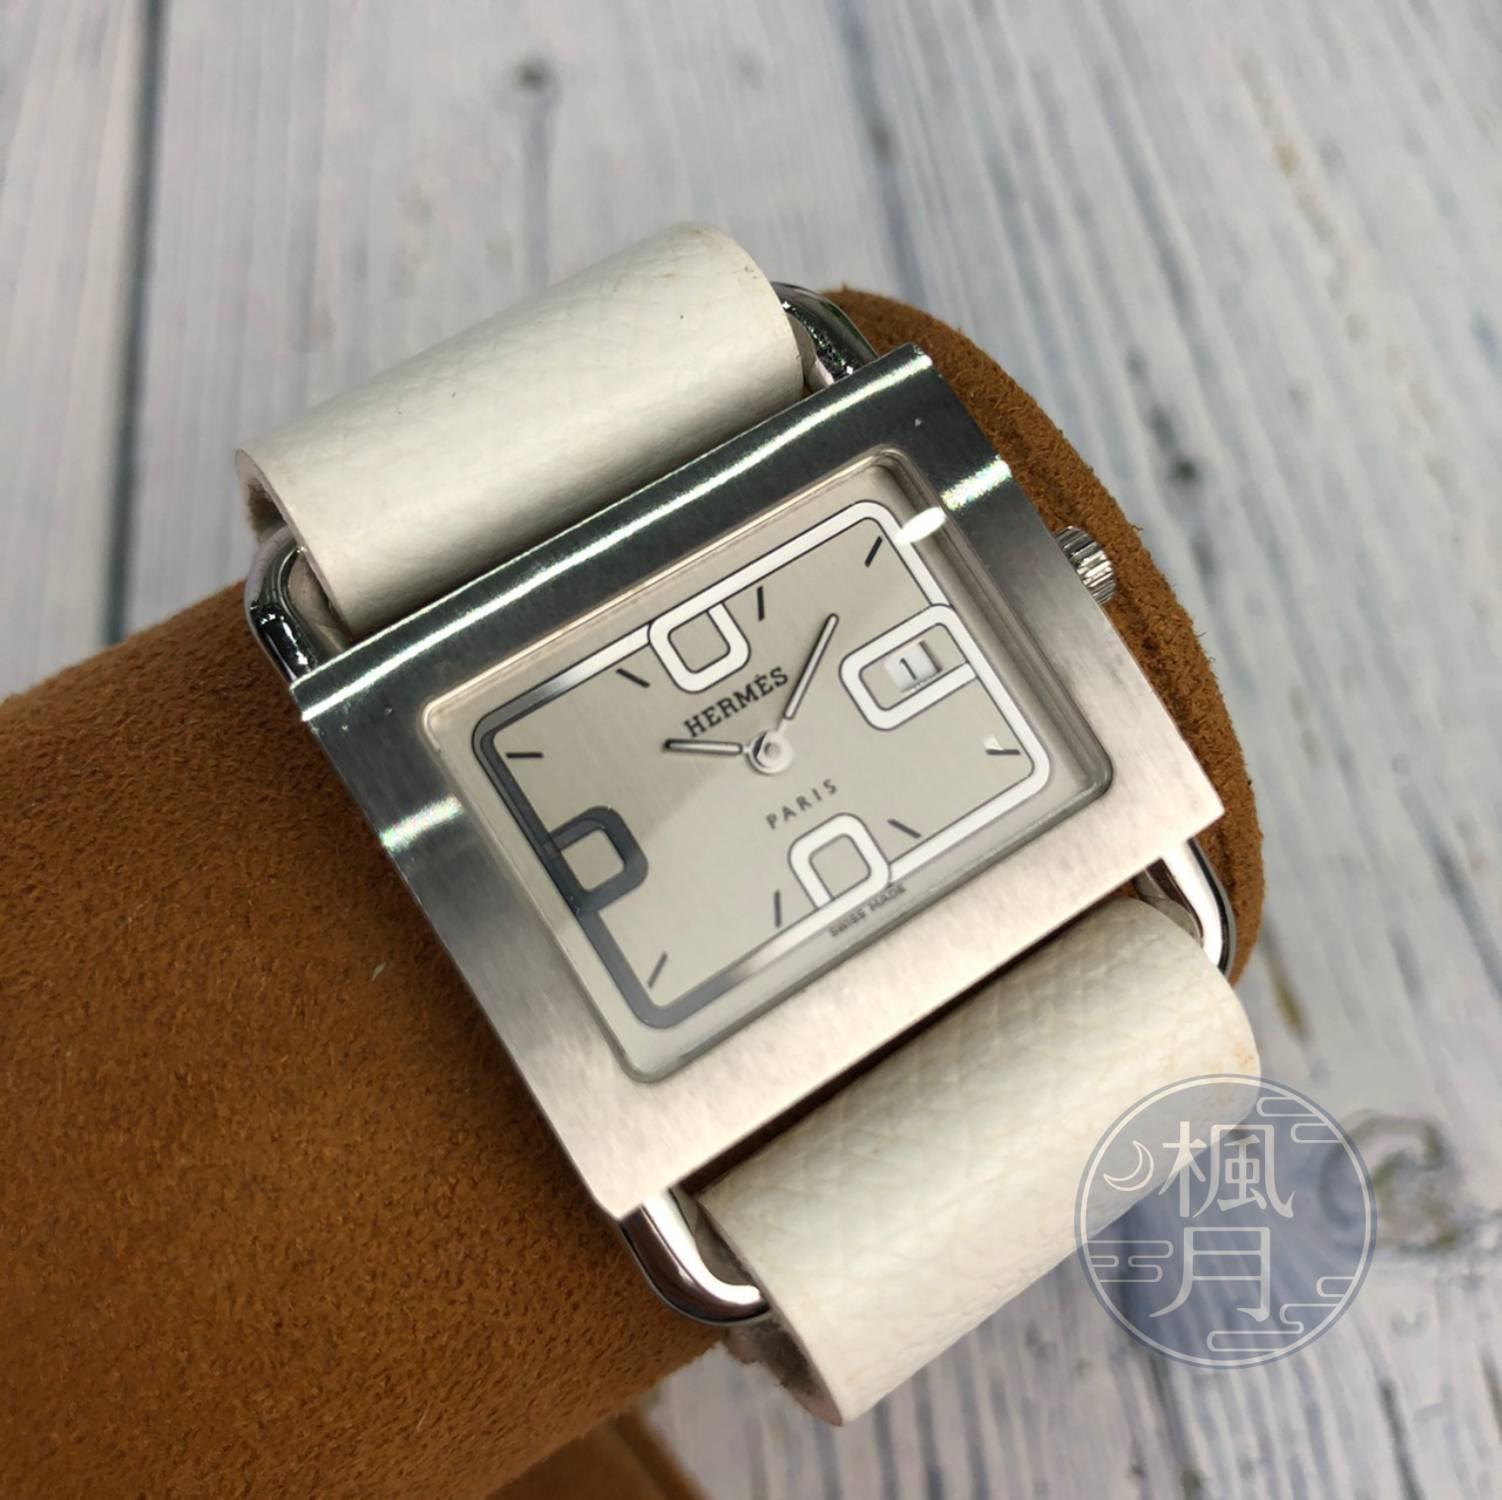 BRAND楓月 HERMES 愛馬仕 經典 BA1.510 白色 皮革 銀錶 BARENIA 手錶QZ#S 配件